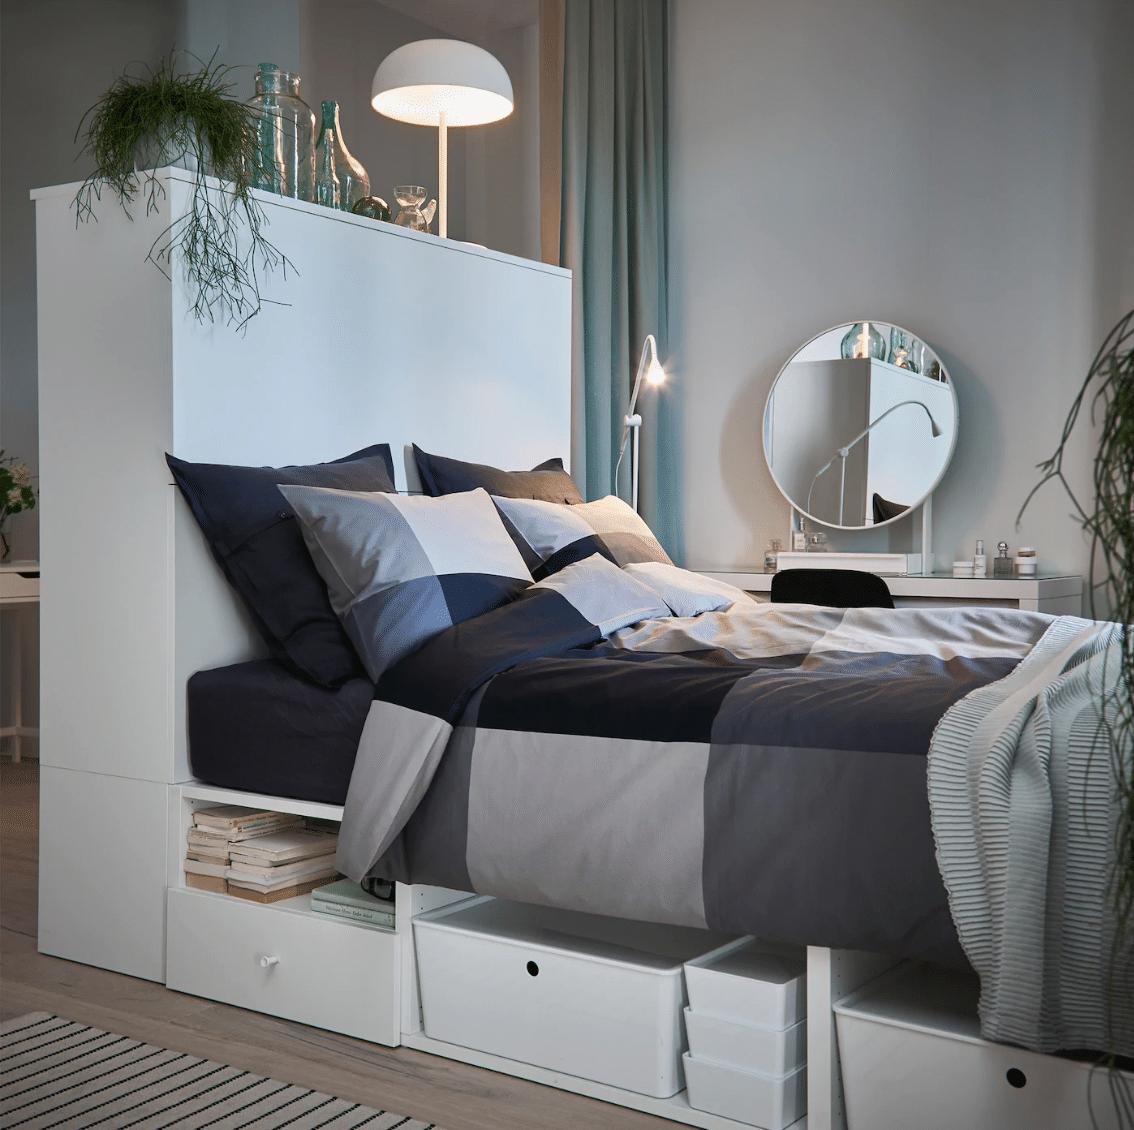 Dressing en tête de lit dans une petite chambre de 9 m2 en colocation